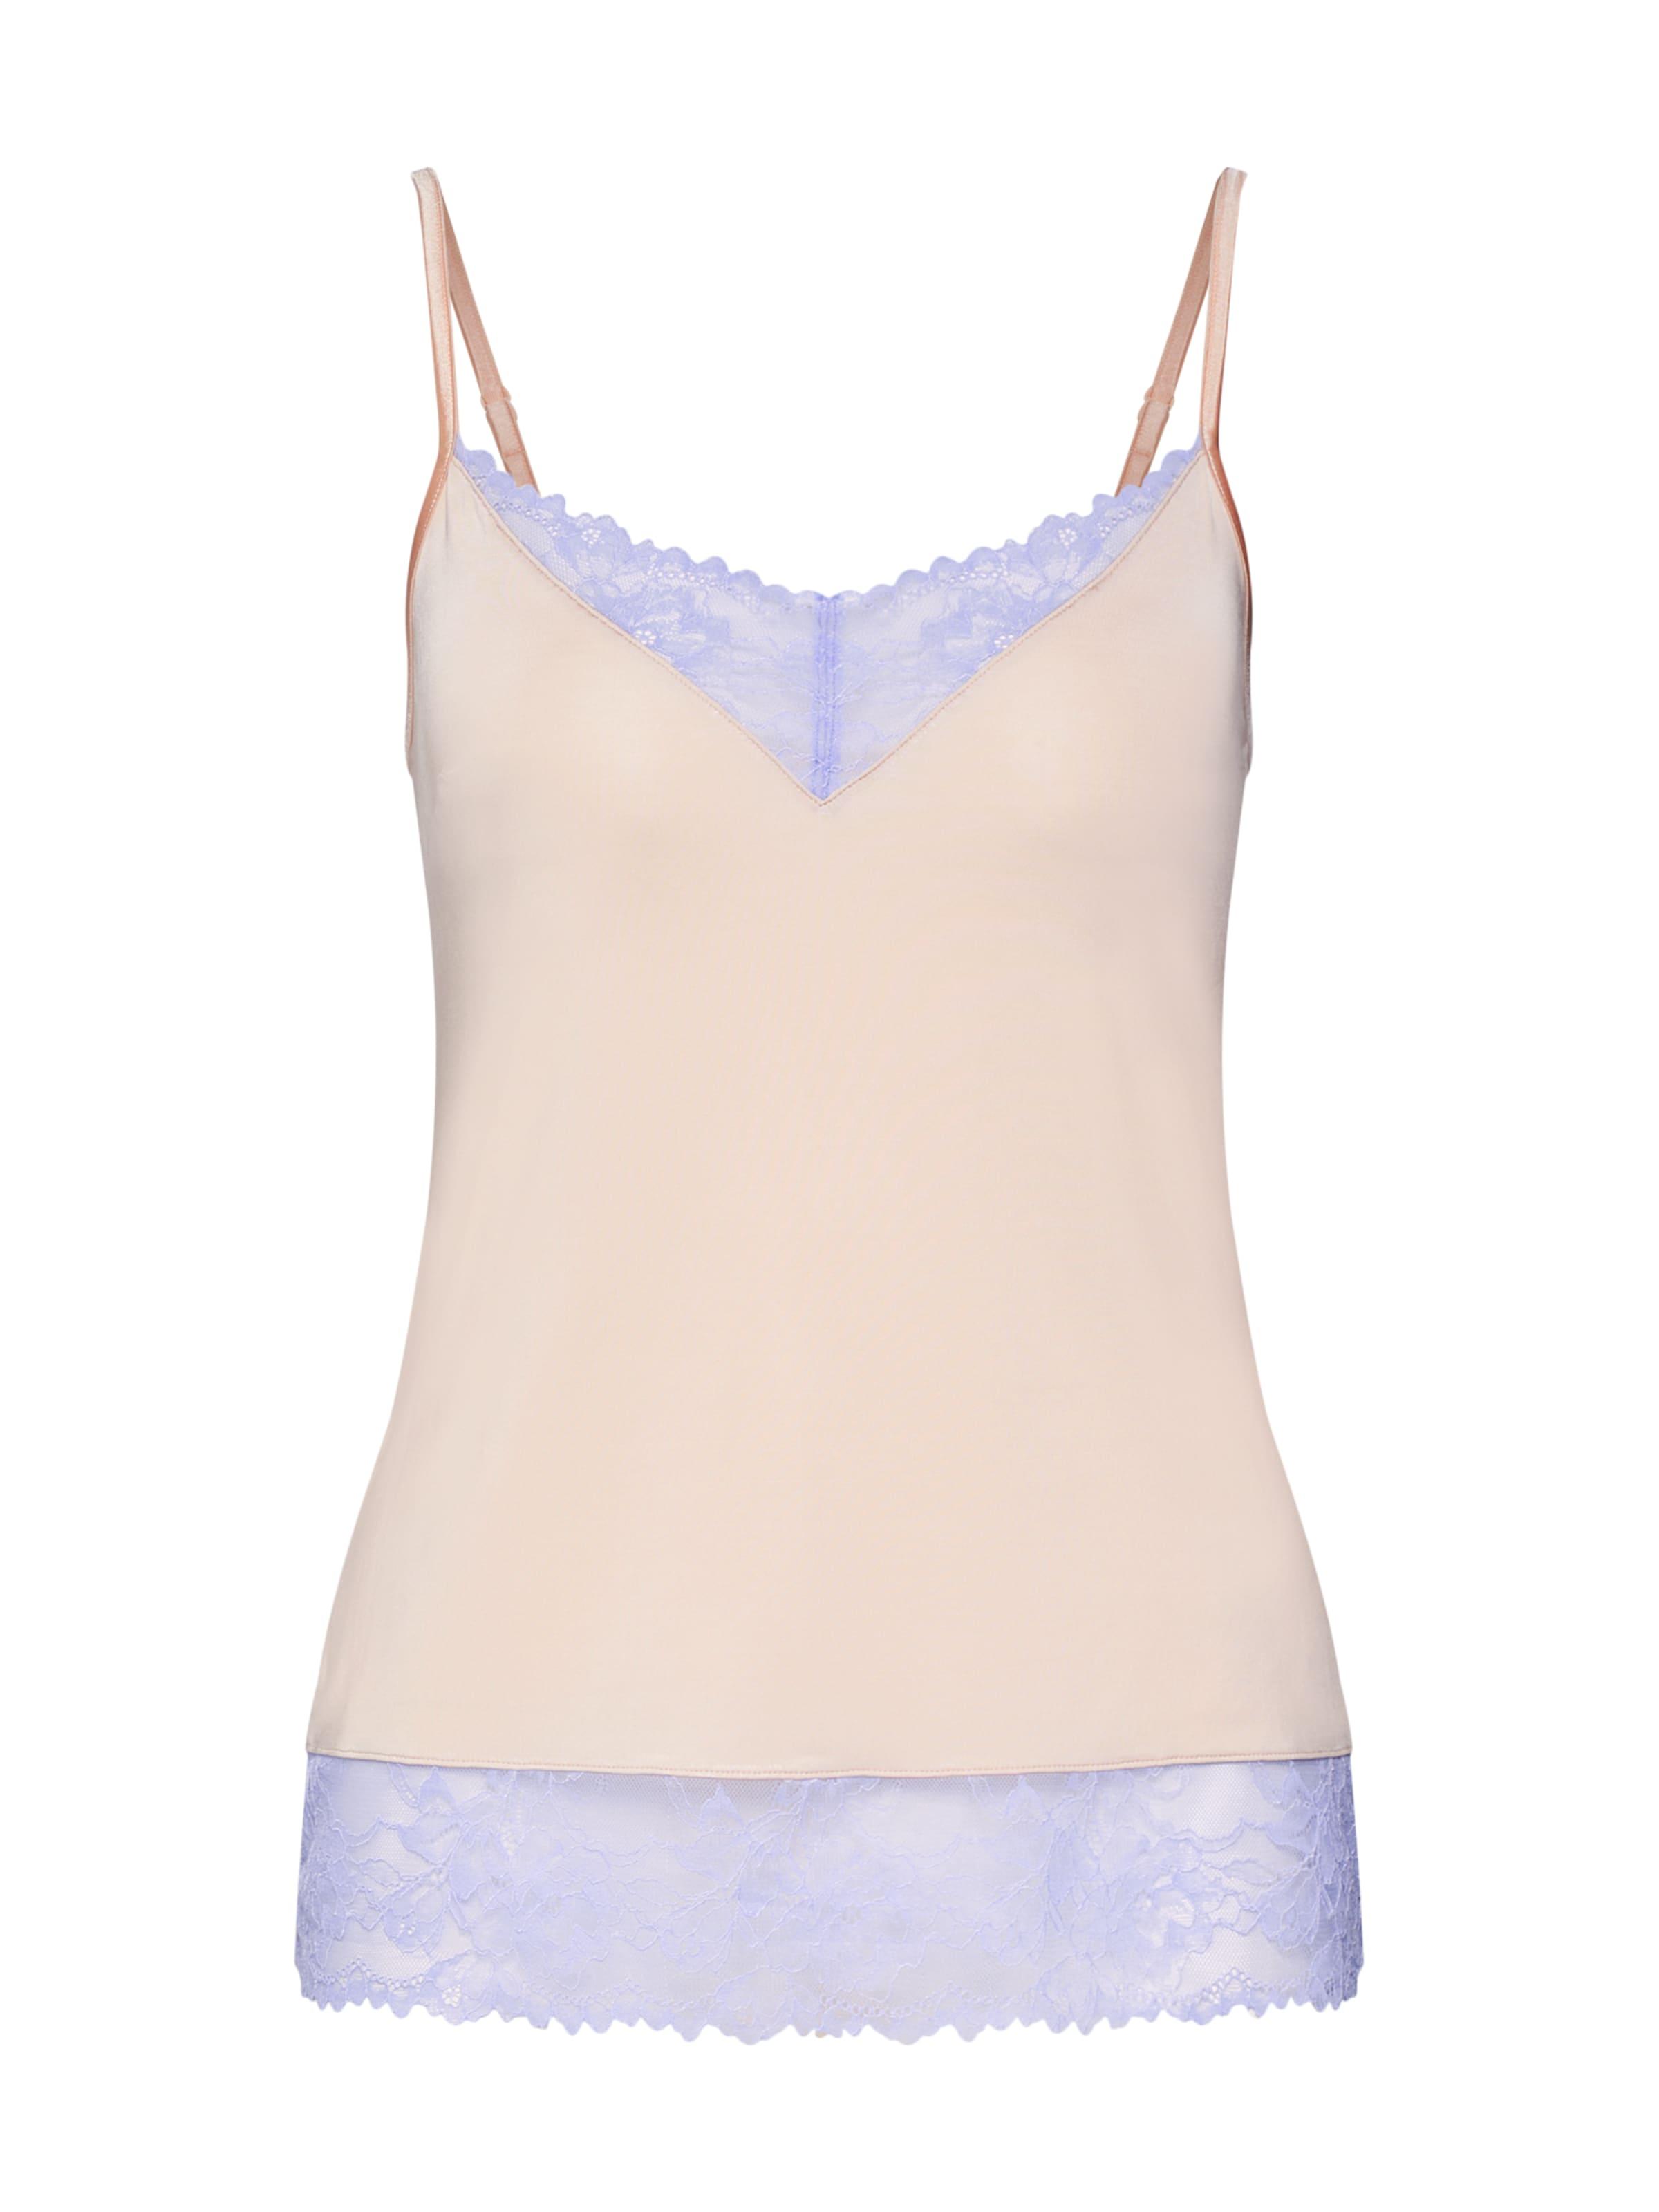 Mey 'camisol' En Corps Bleu De Maillot 4q5jL3RA